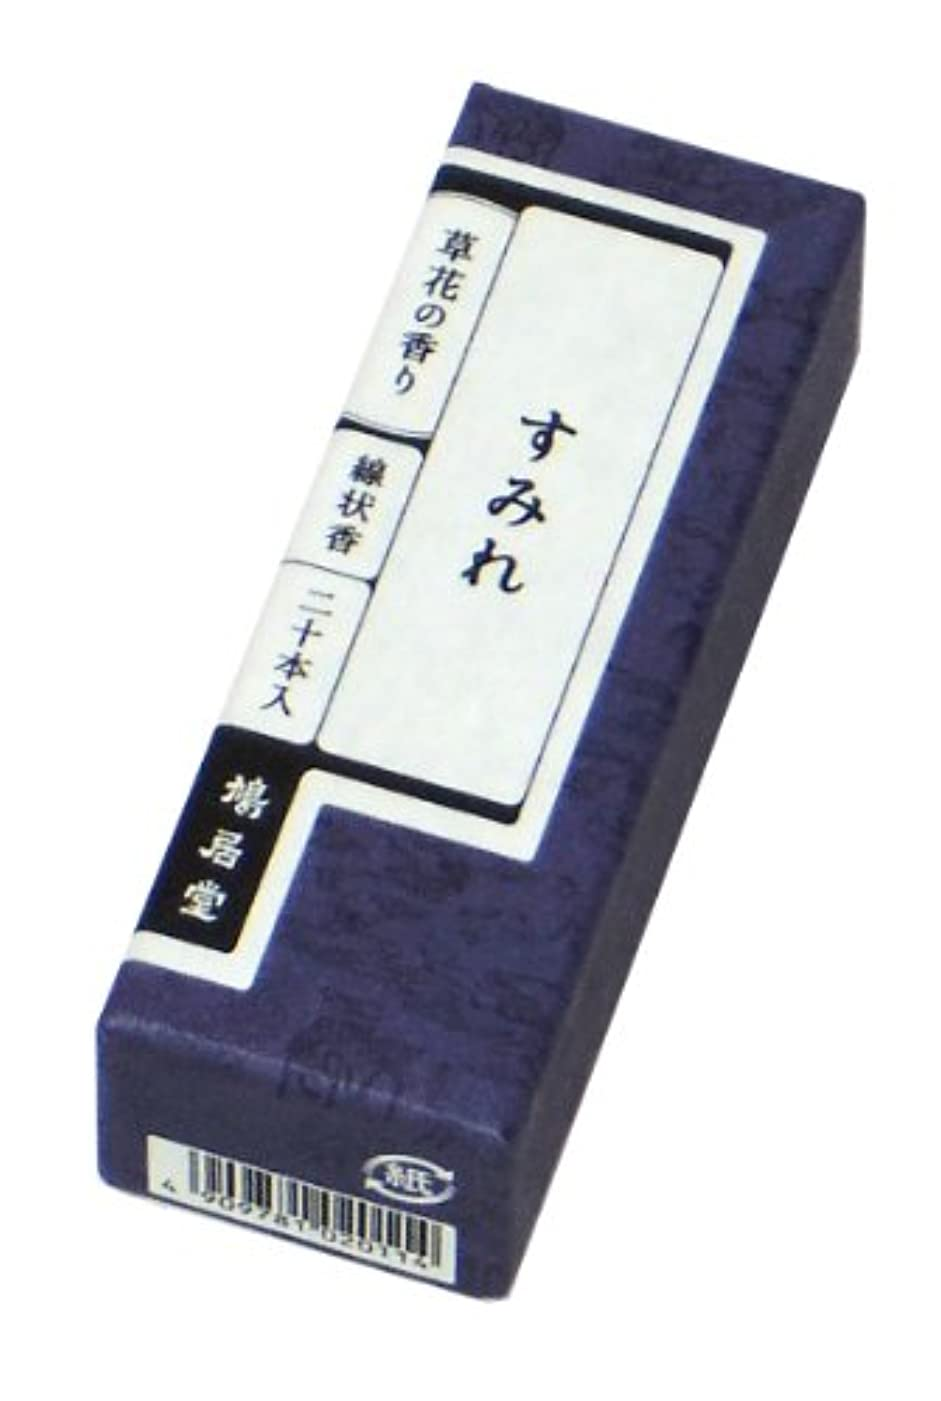 気楽な気分極めて鳩居堂のお香 草花の香り すみれ 20本入 6cm